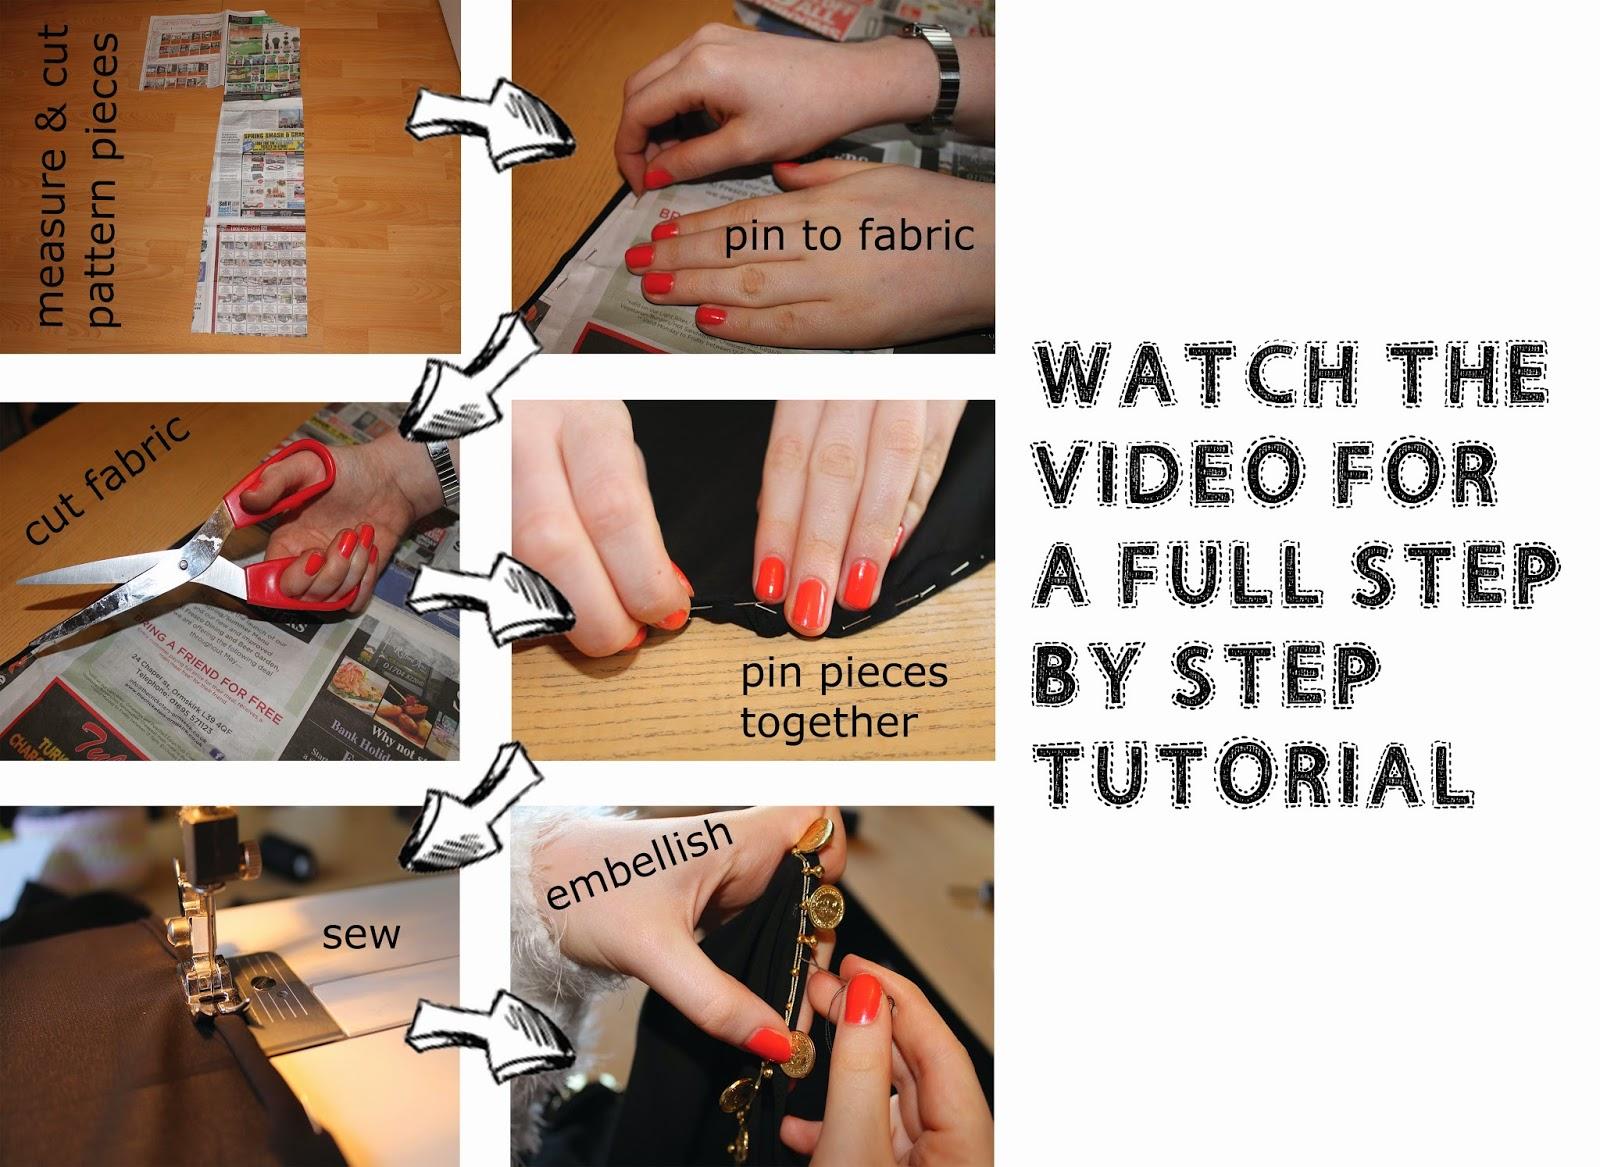 DIY kimono, step by step guide of how to make your own kimono, kimono tutorial